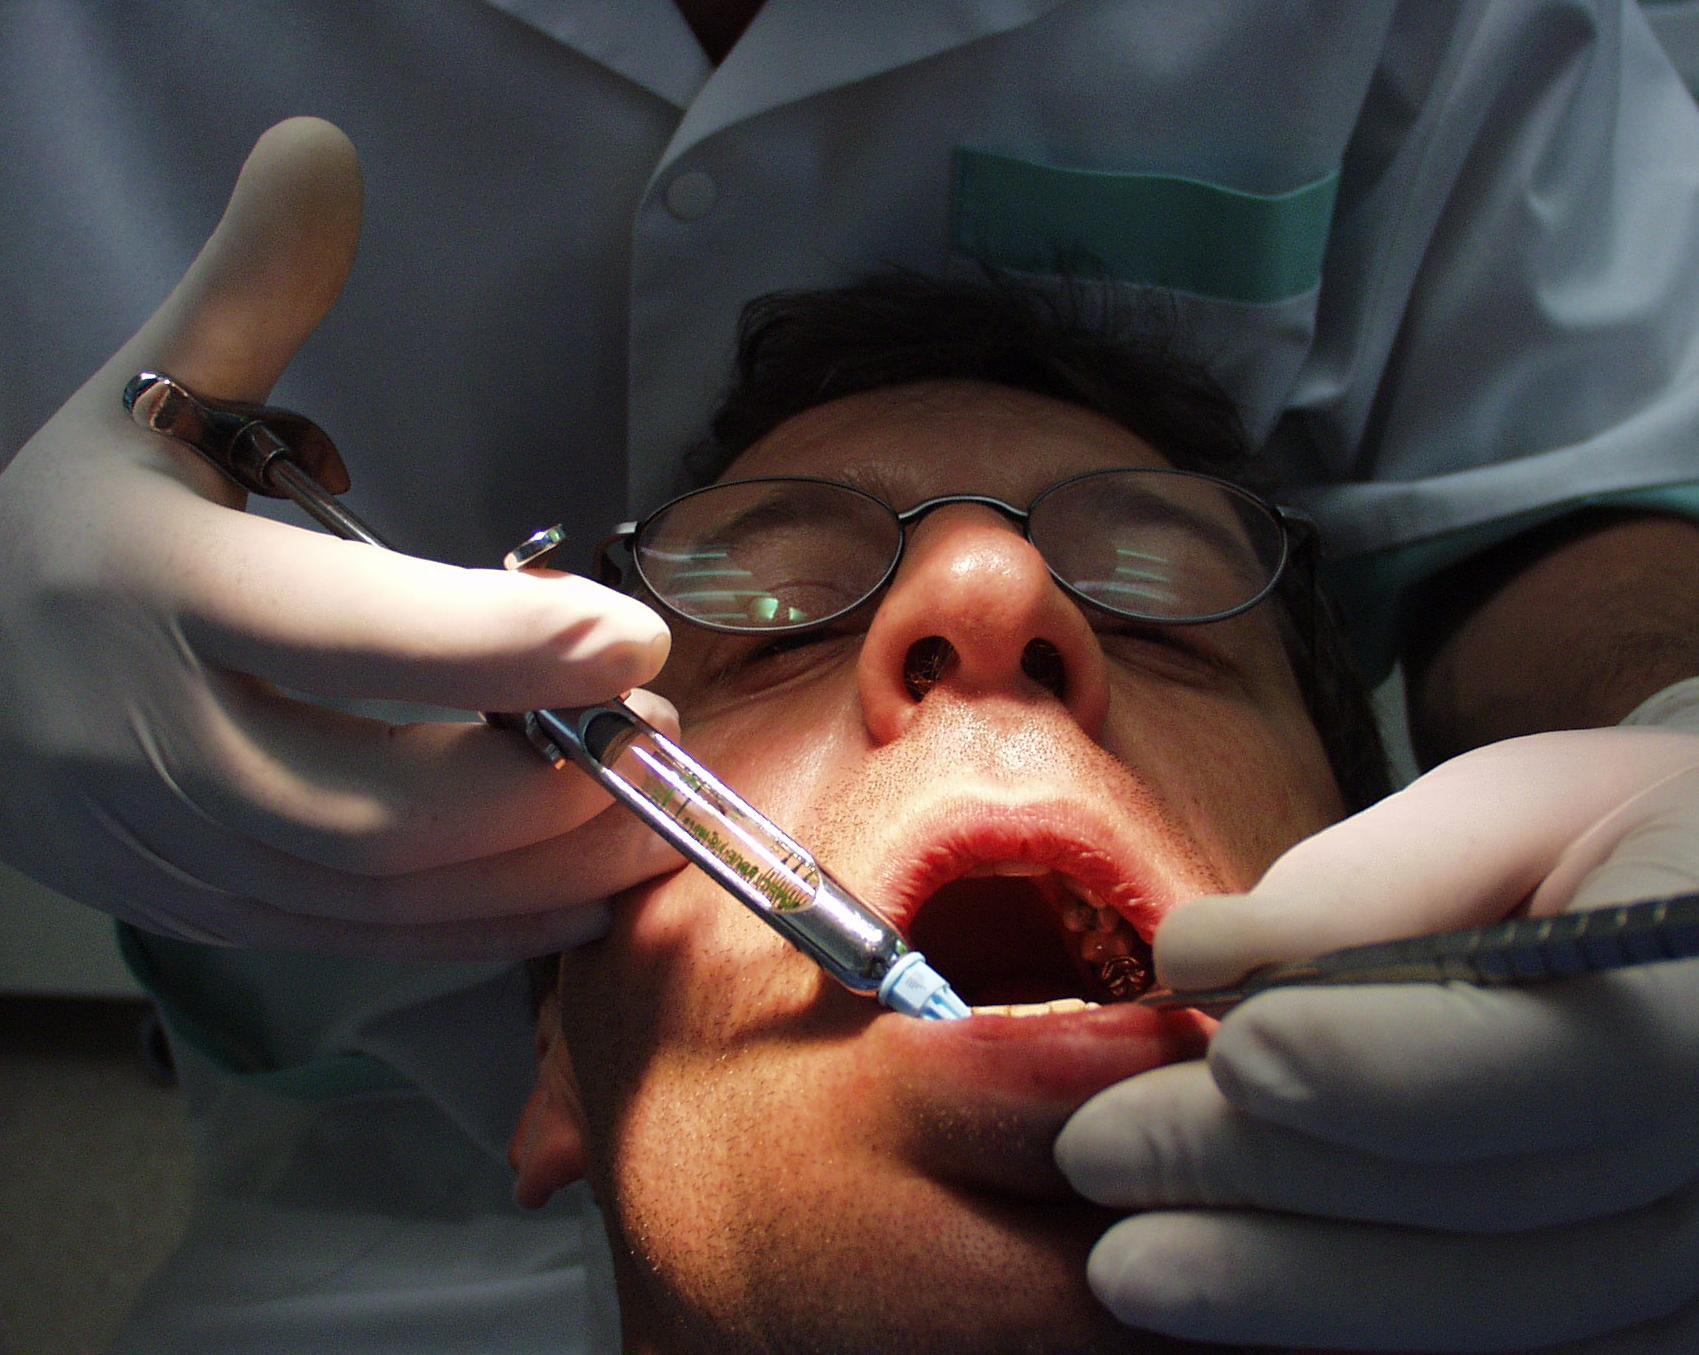 Foto 2 de Dentistas en Córdoba | Clínica Dental Dr. Marzo Martínez